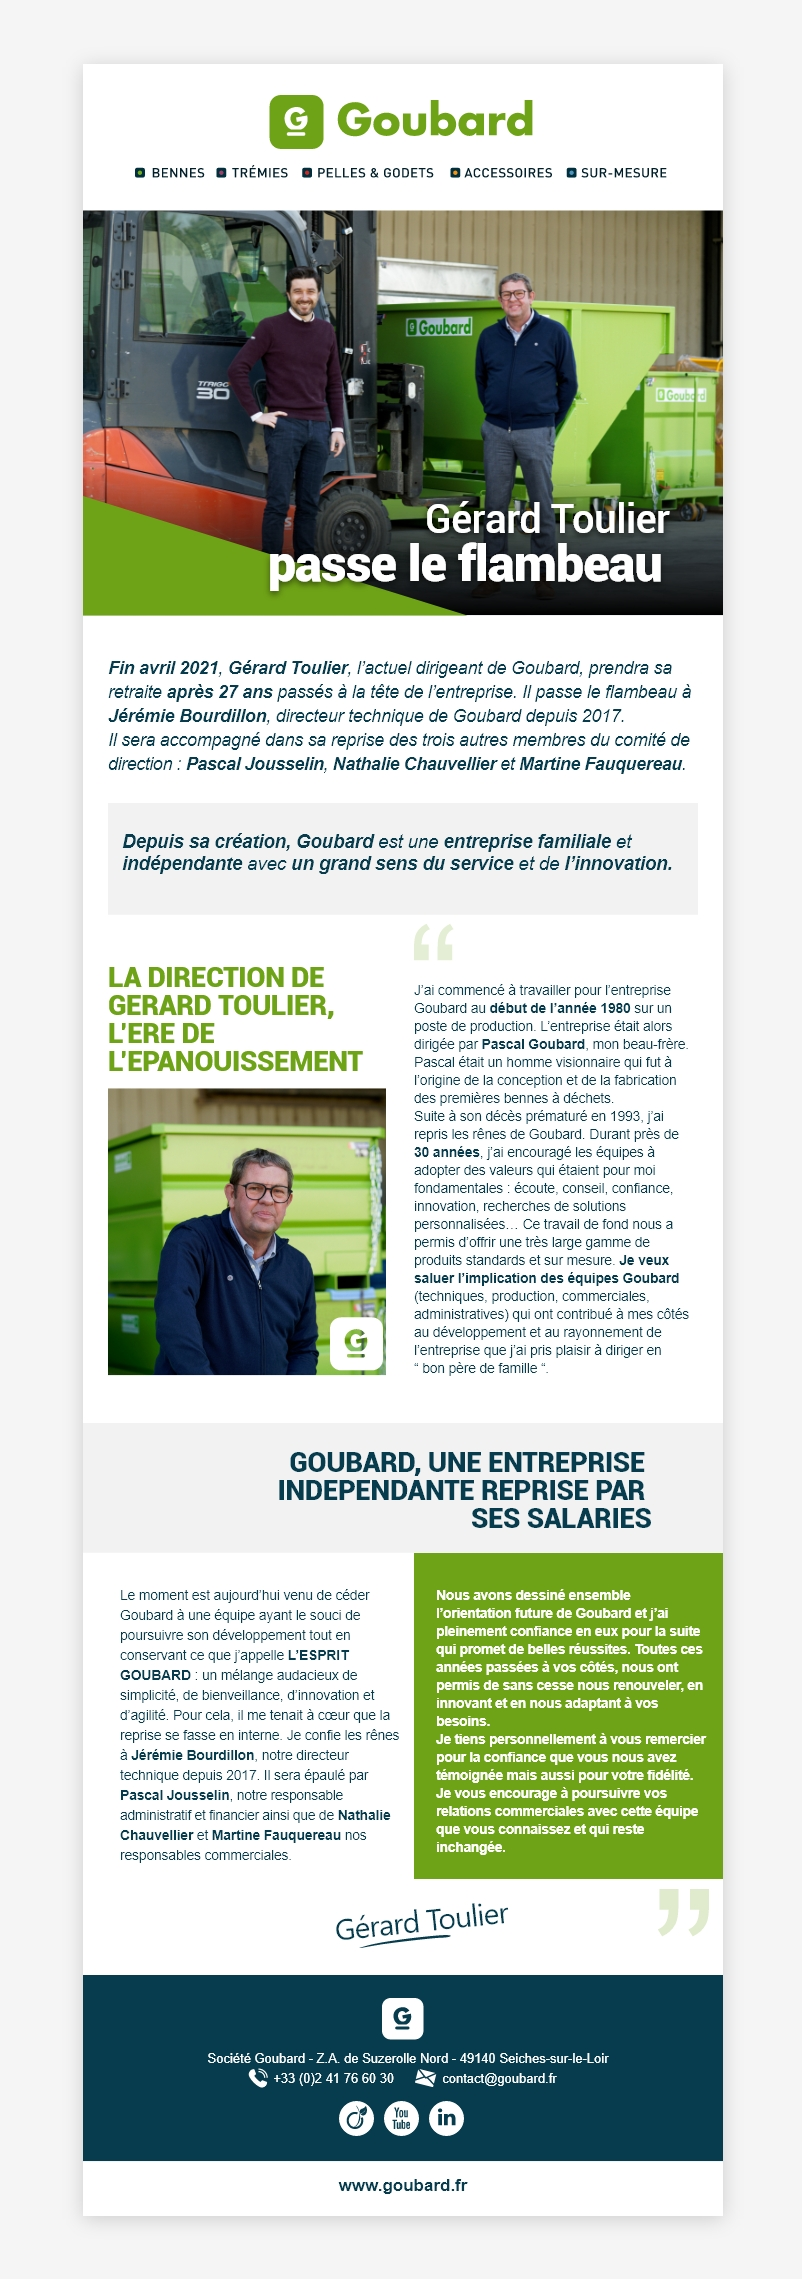 0Emailing-clients-GOUBARD-départ-gerard-toulier-01